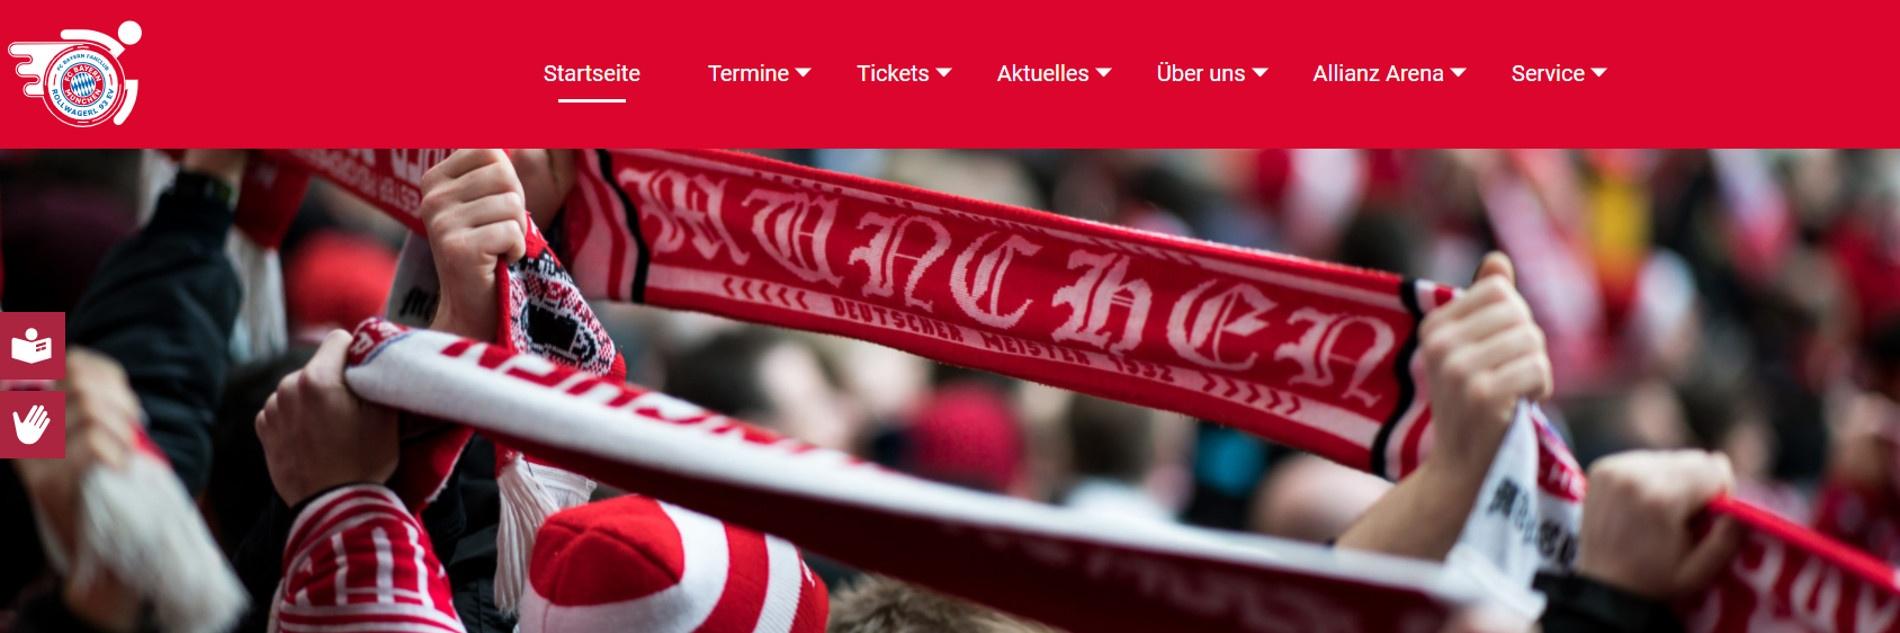 Screenshot der neuen Webseite des Rollwagerl 93 eV-Fanclubs. Auf dem Foto sind FC Bayern-Fans mit Schals zu sehen.